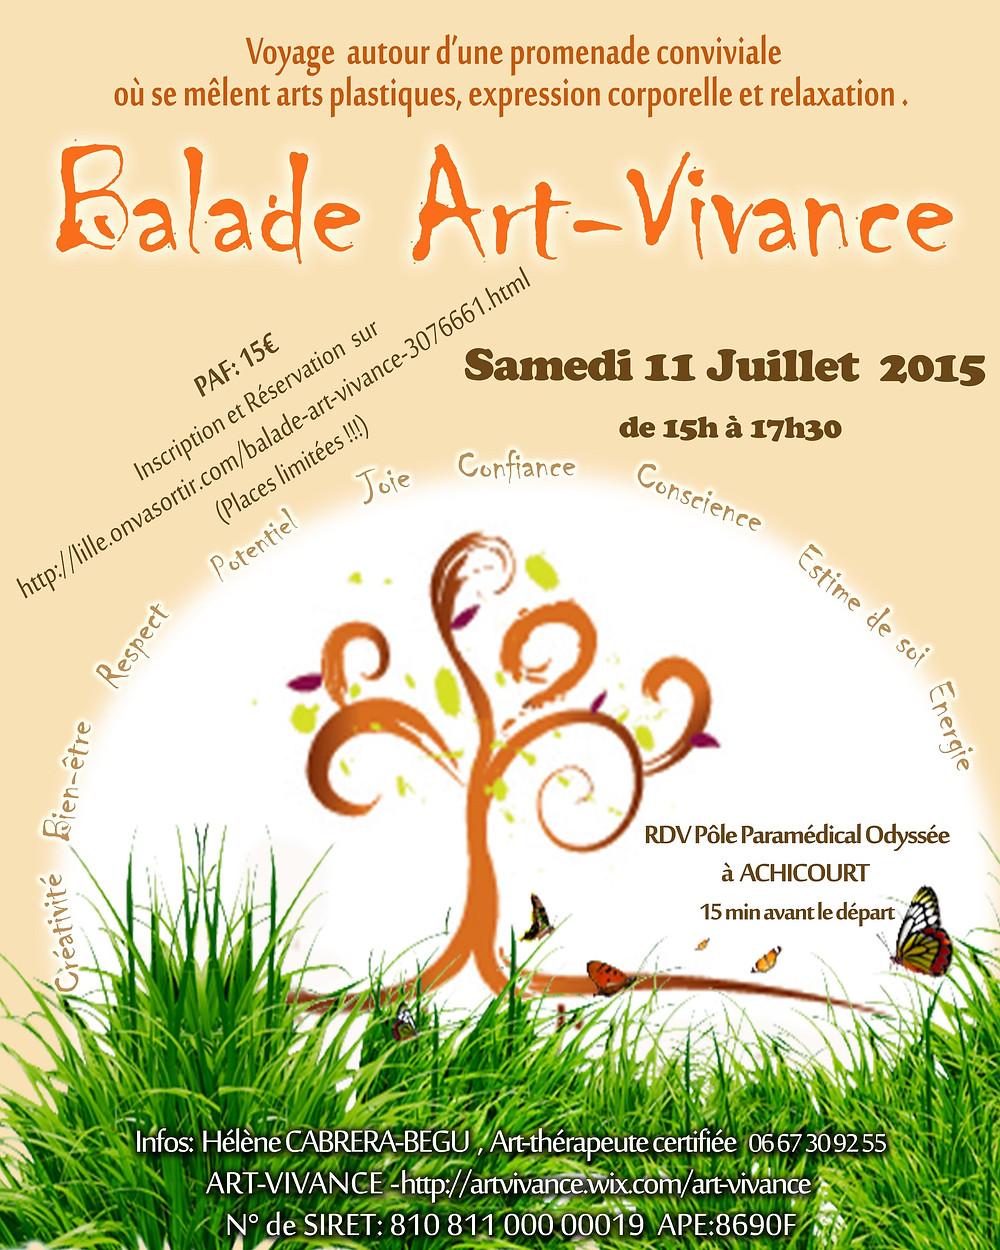 Balade Art-vivance.jpg